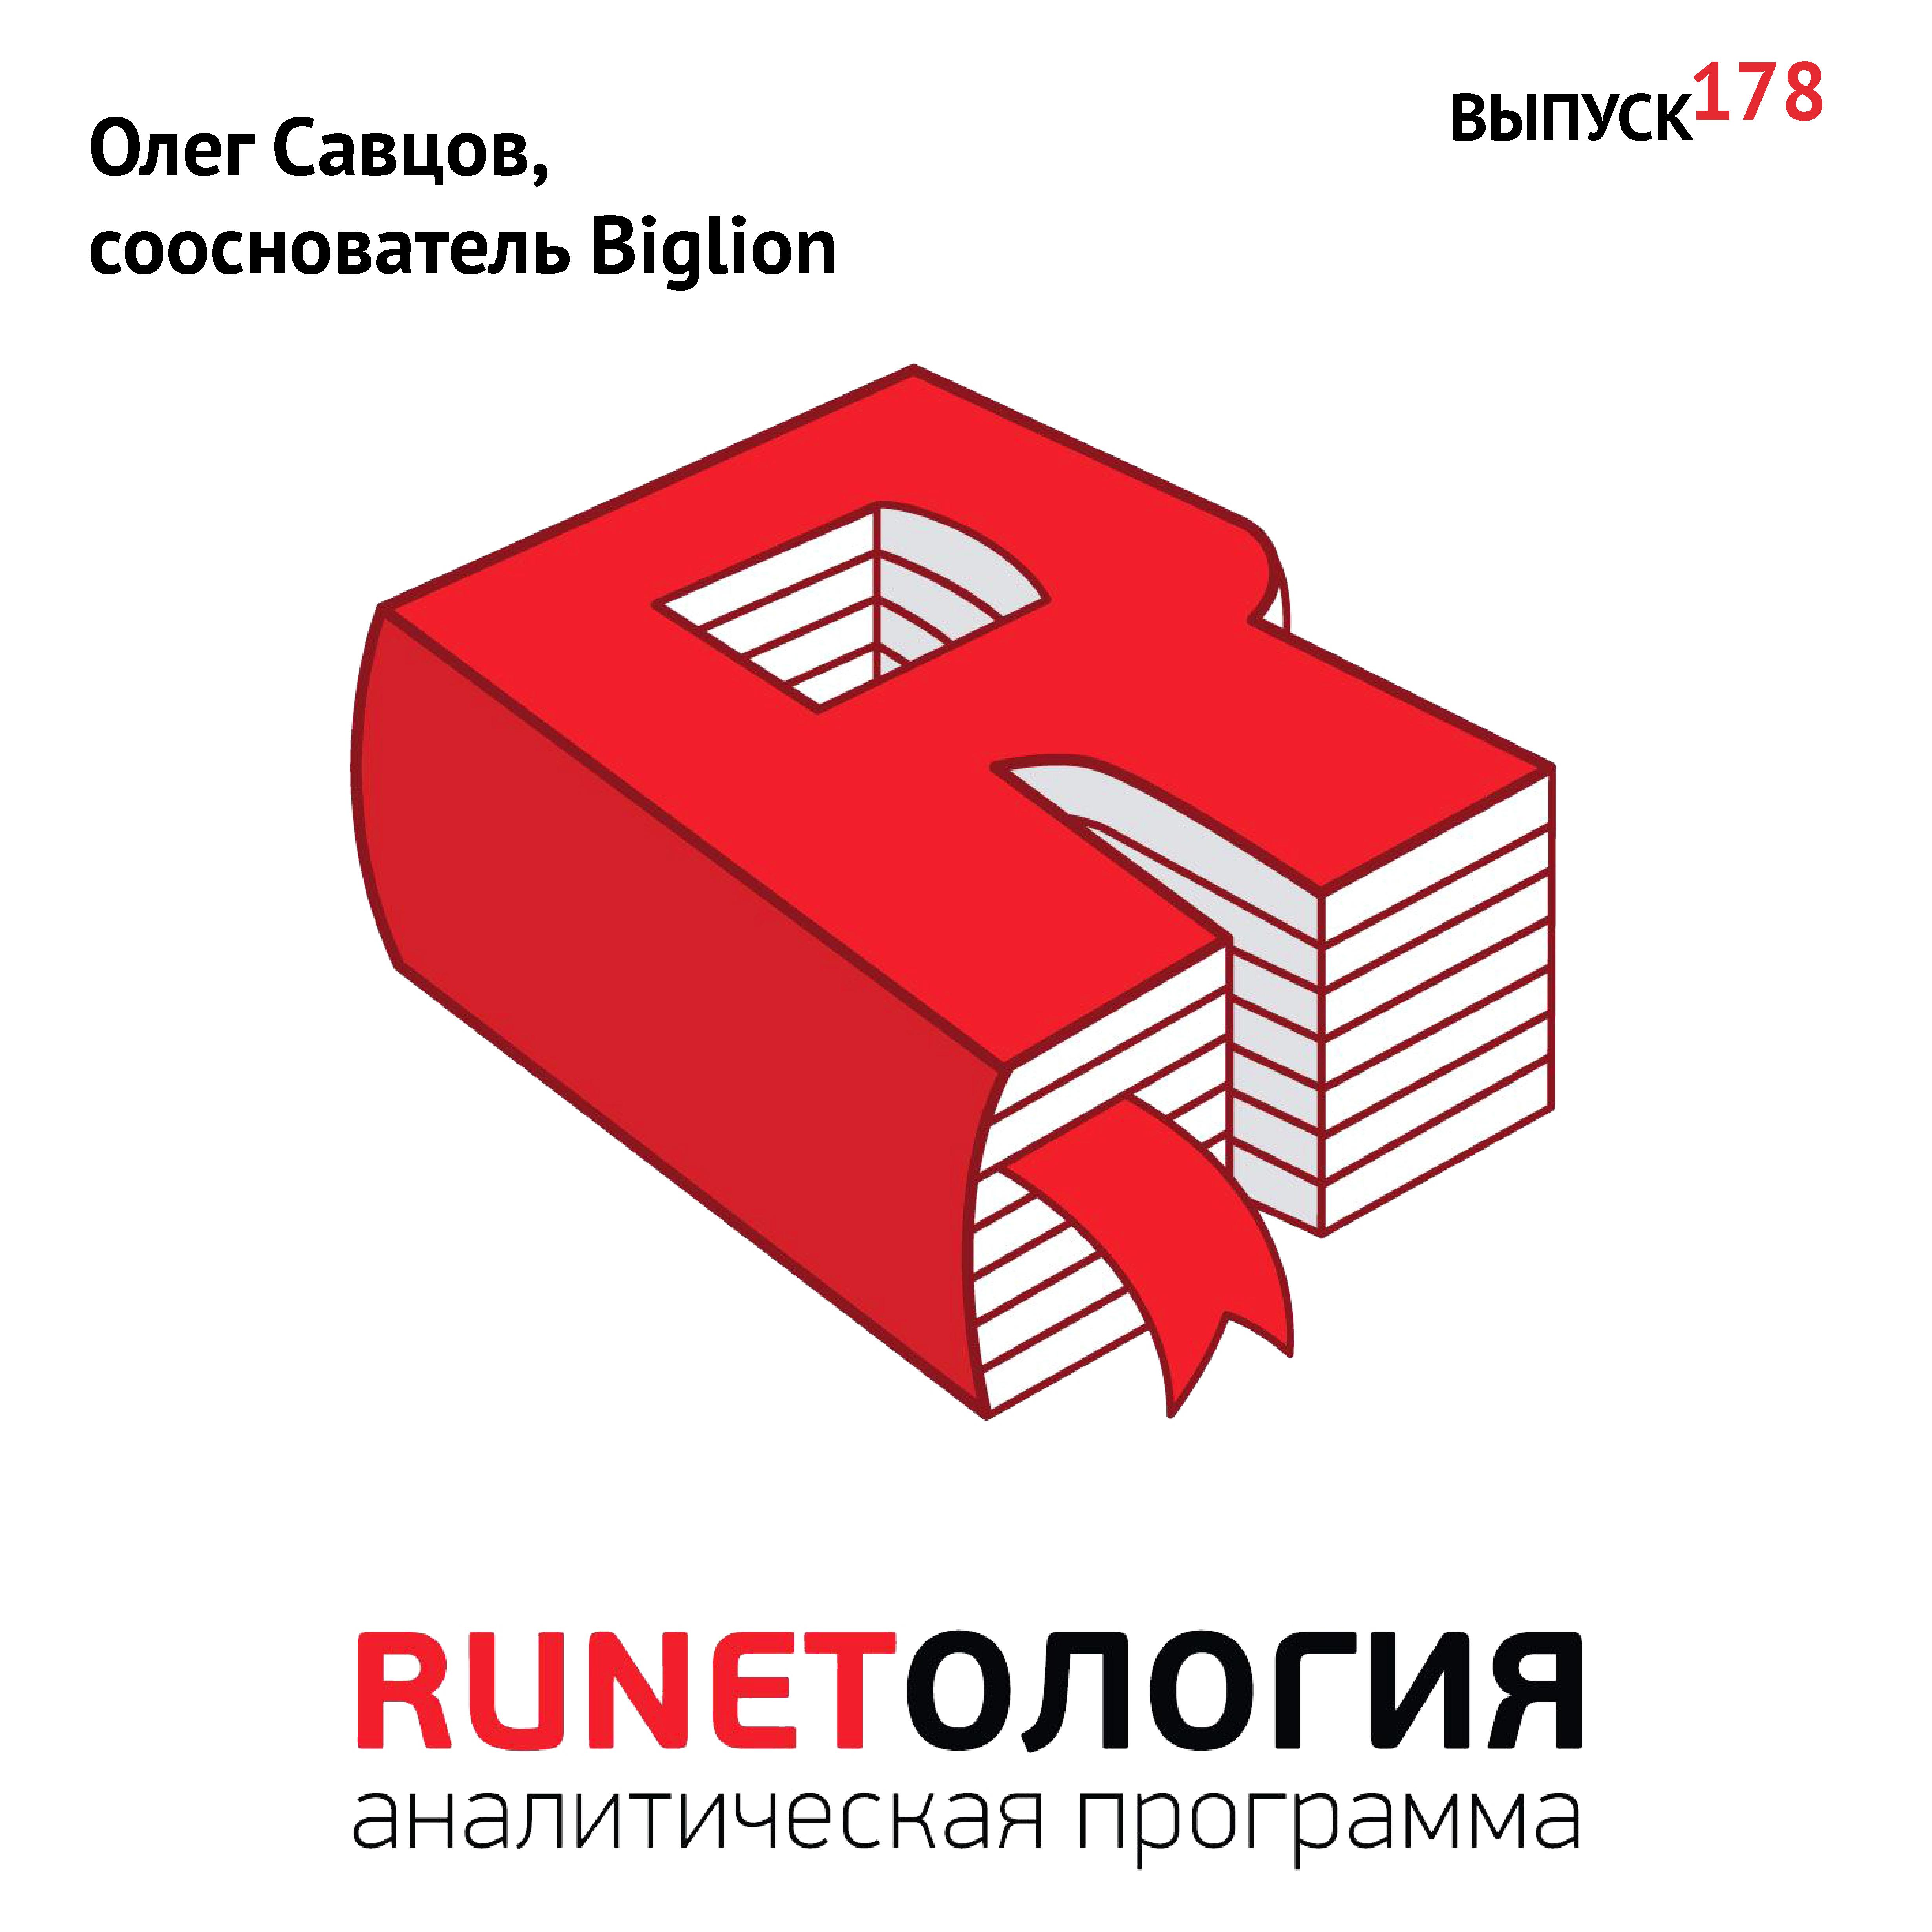 Максим Спиридонов Олег Савцов, сооснователь Biglion